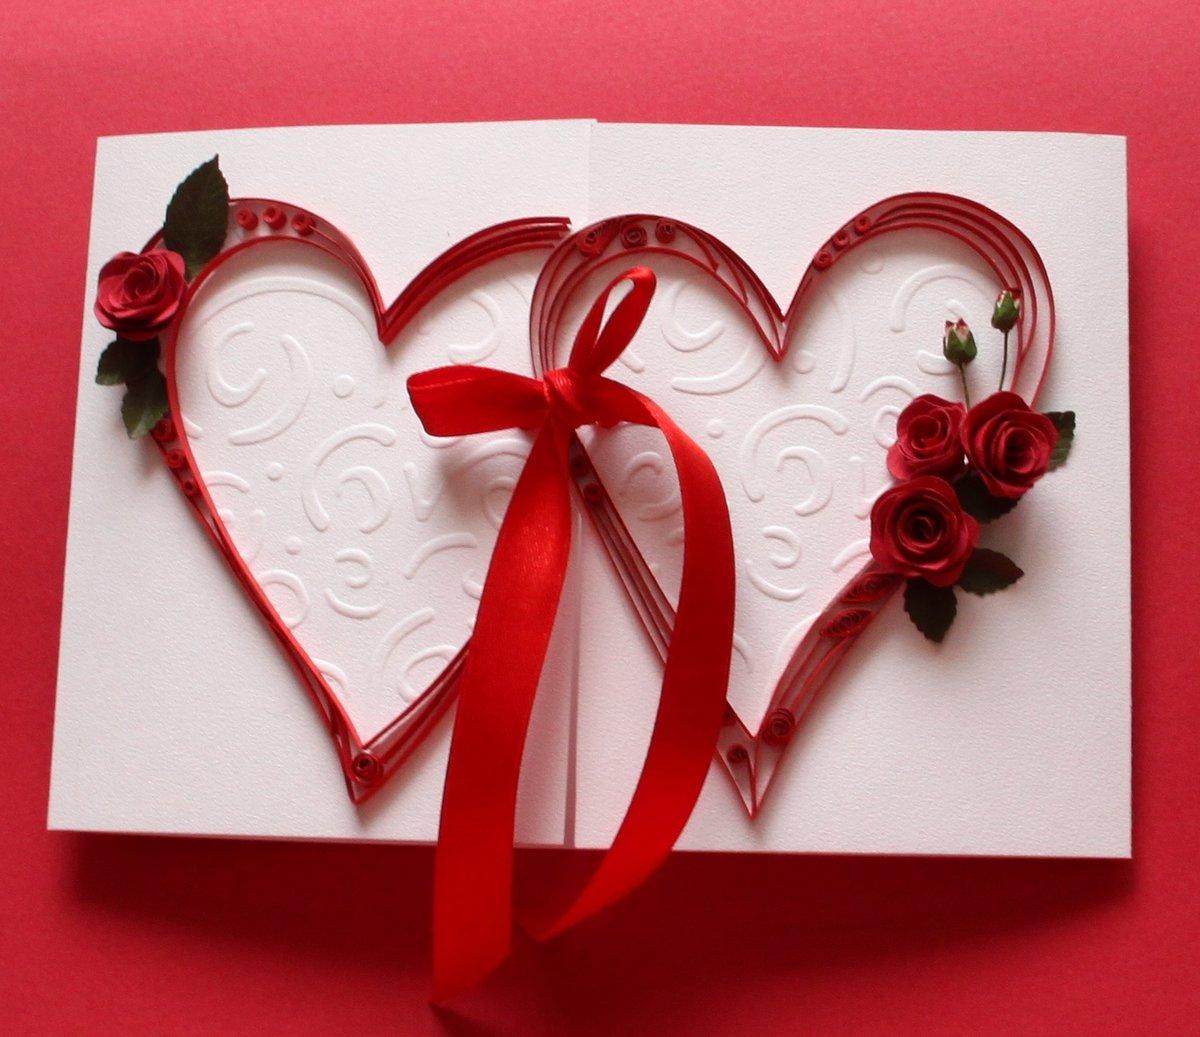 оформление открыток в виде сердца могут опираться технические